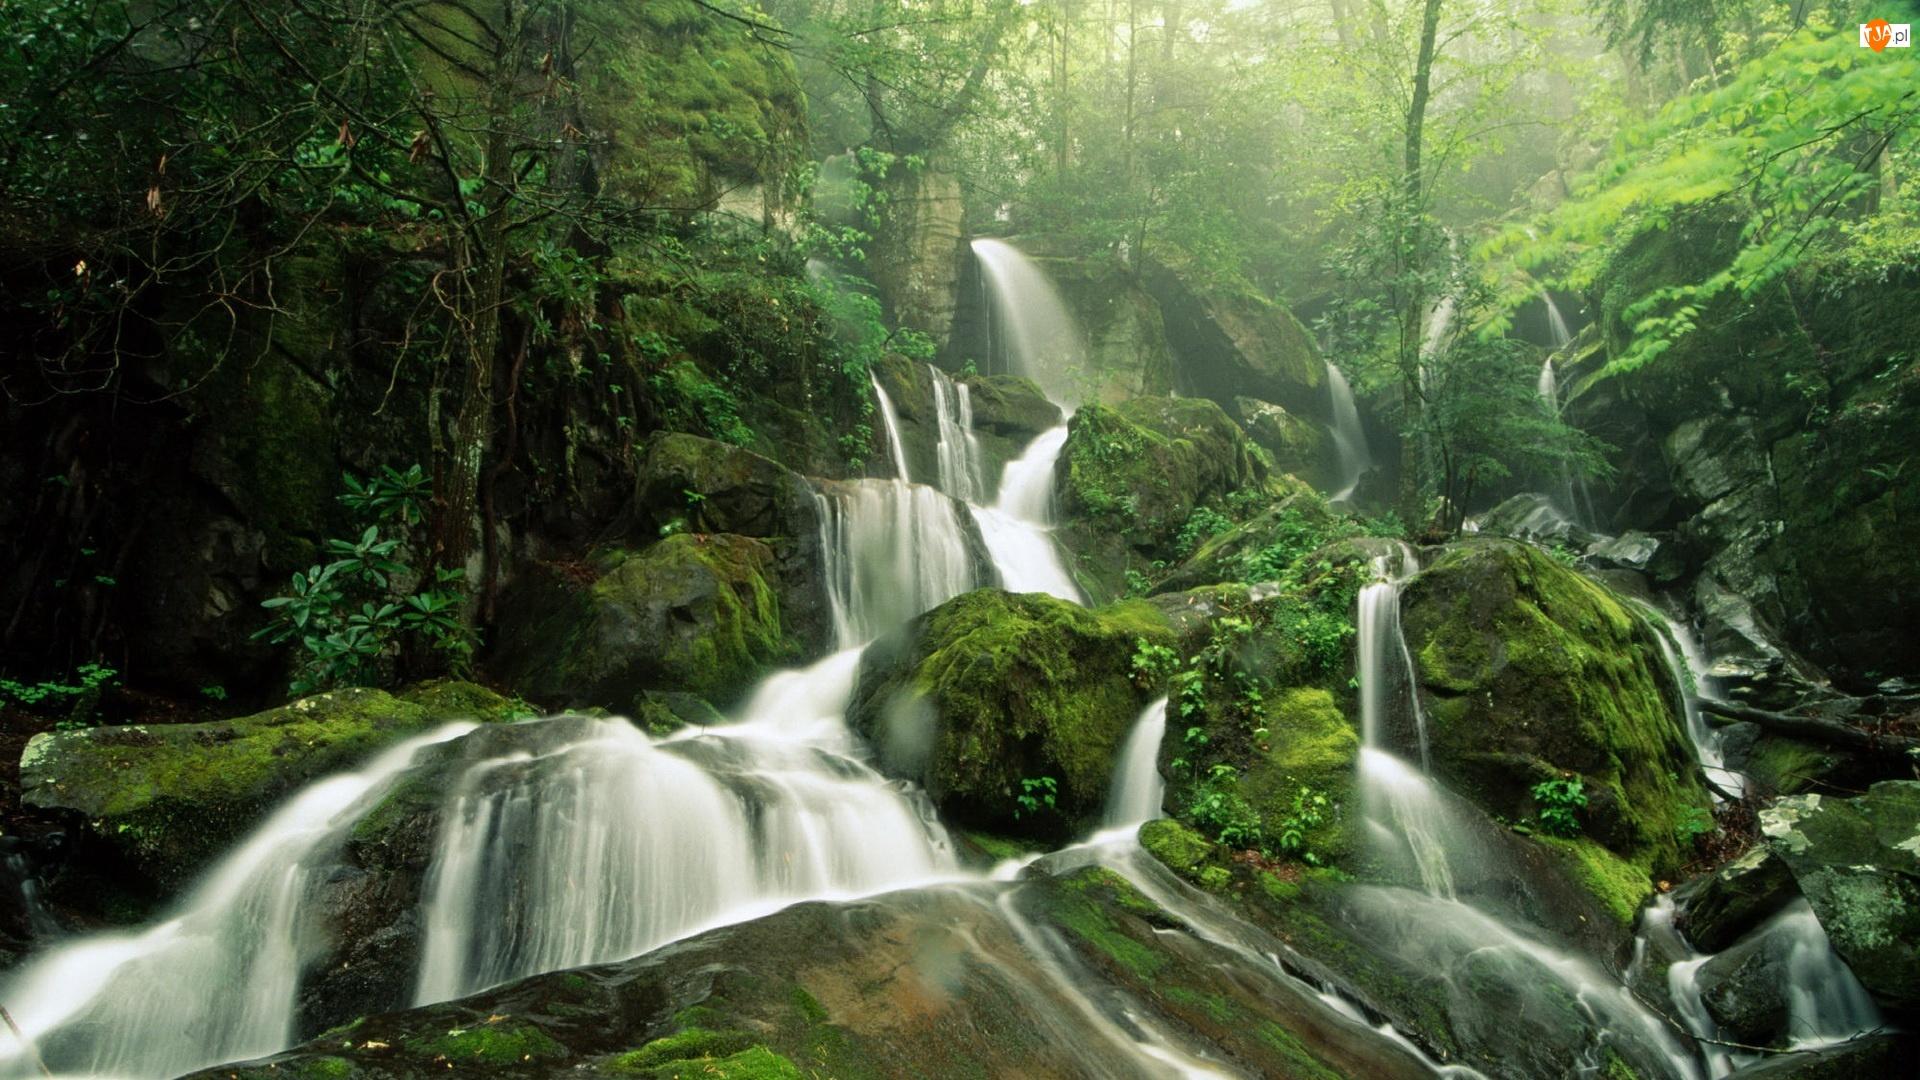 Dżungla, Kamienie, Wodospad, Mech